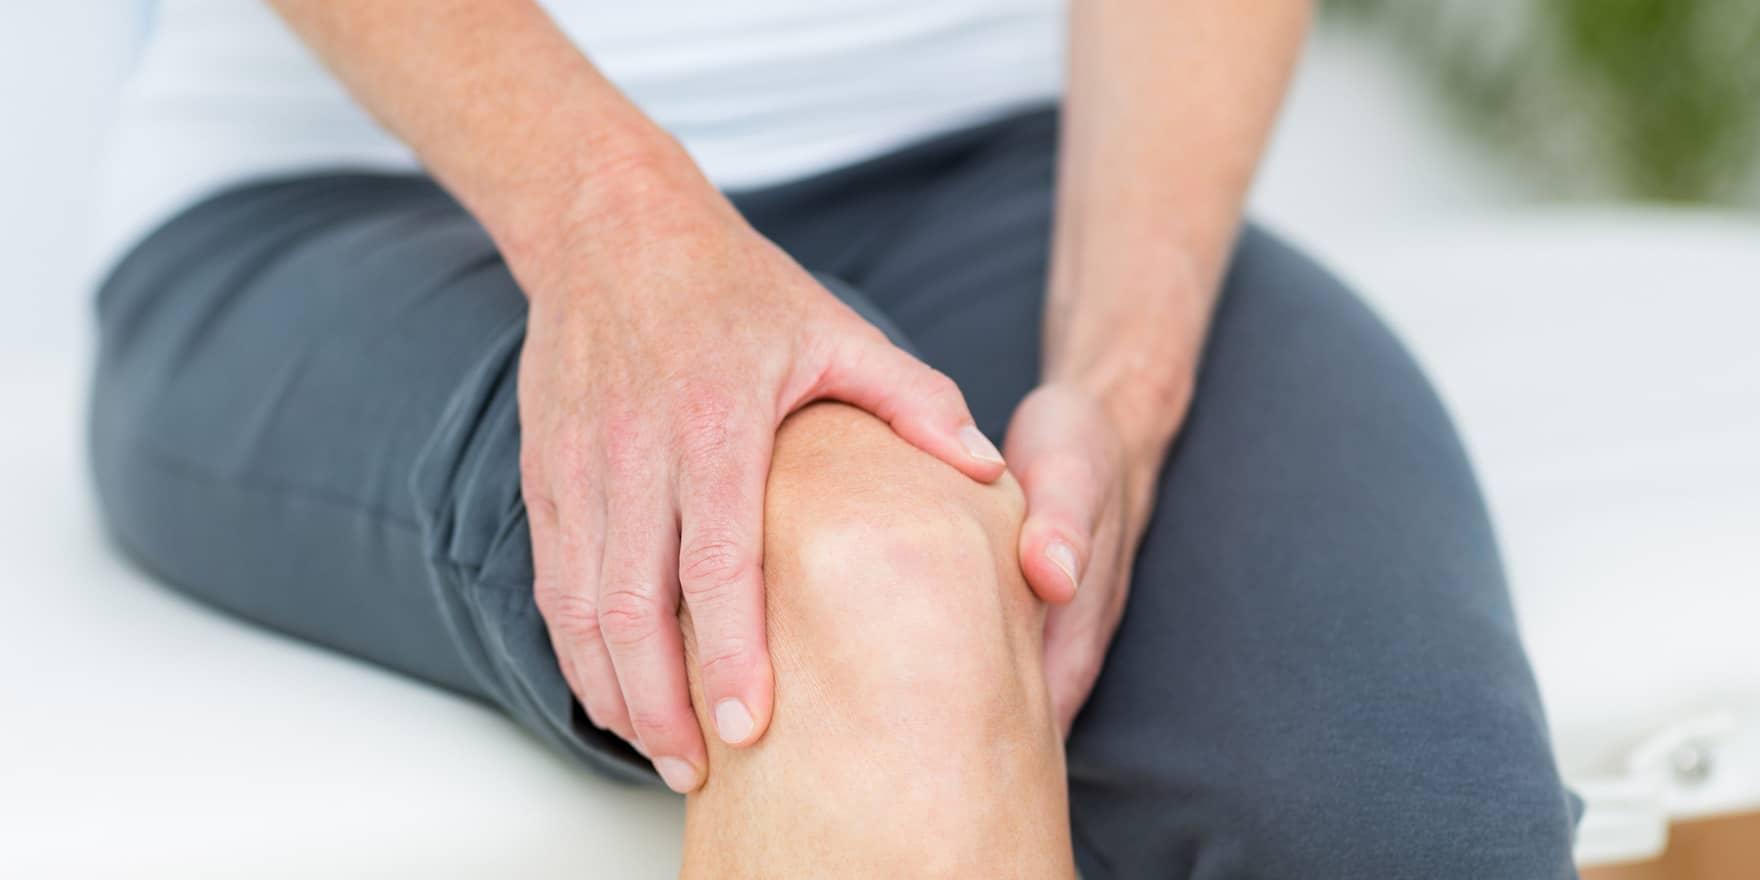 وصفة لآلام الركبة بسبب الرباط الصليبي